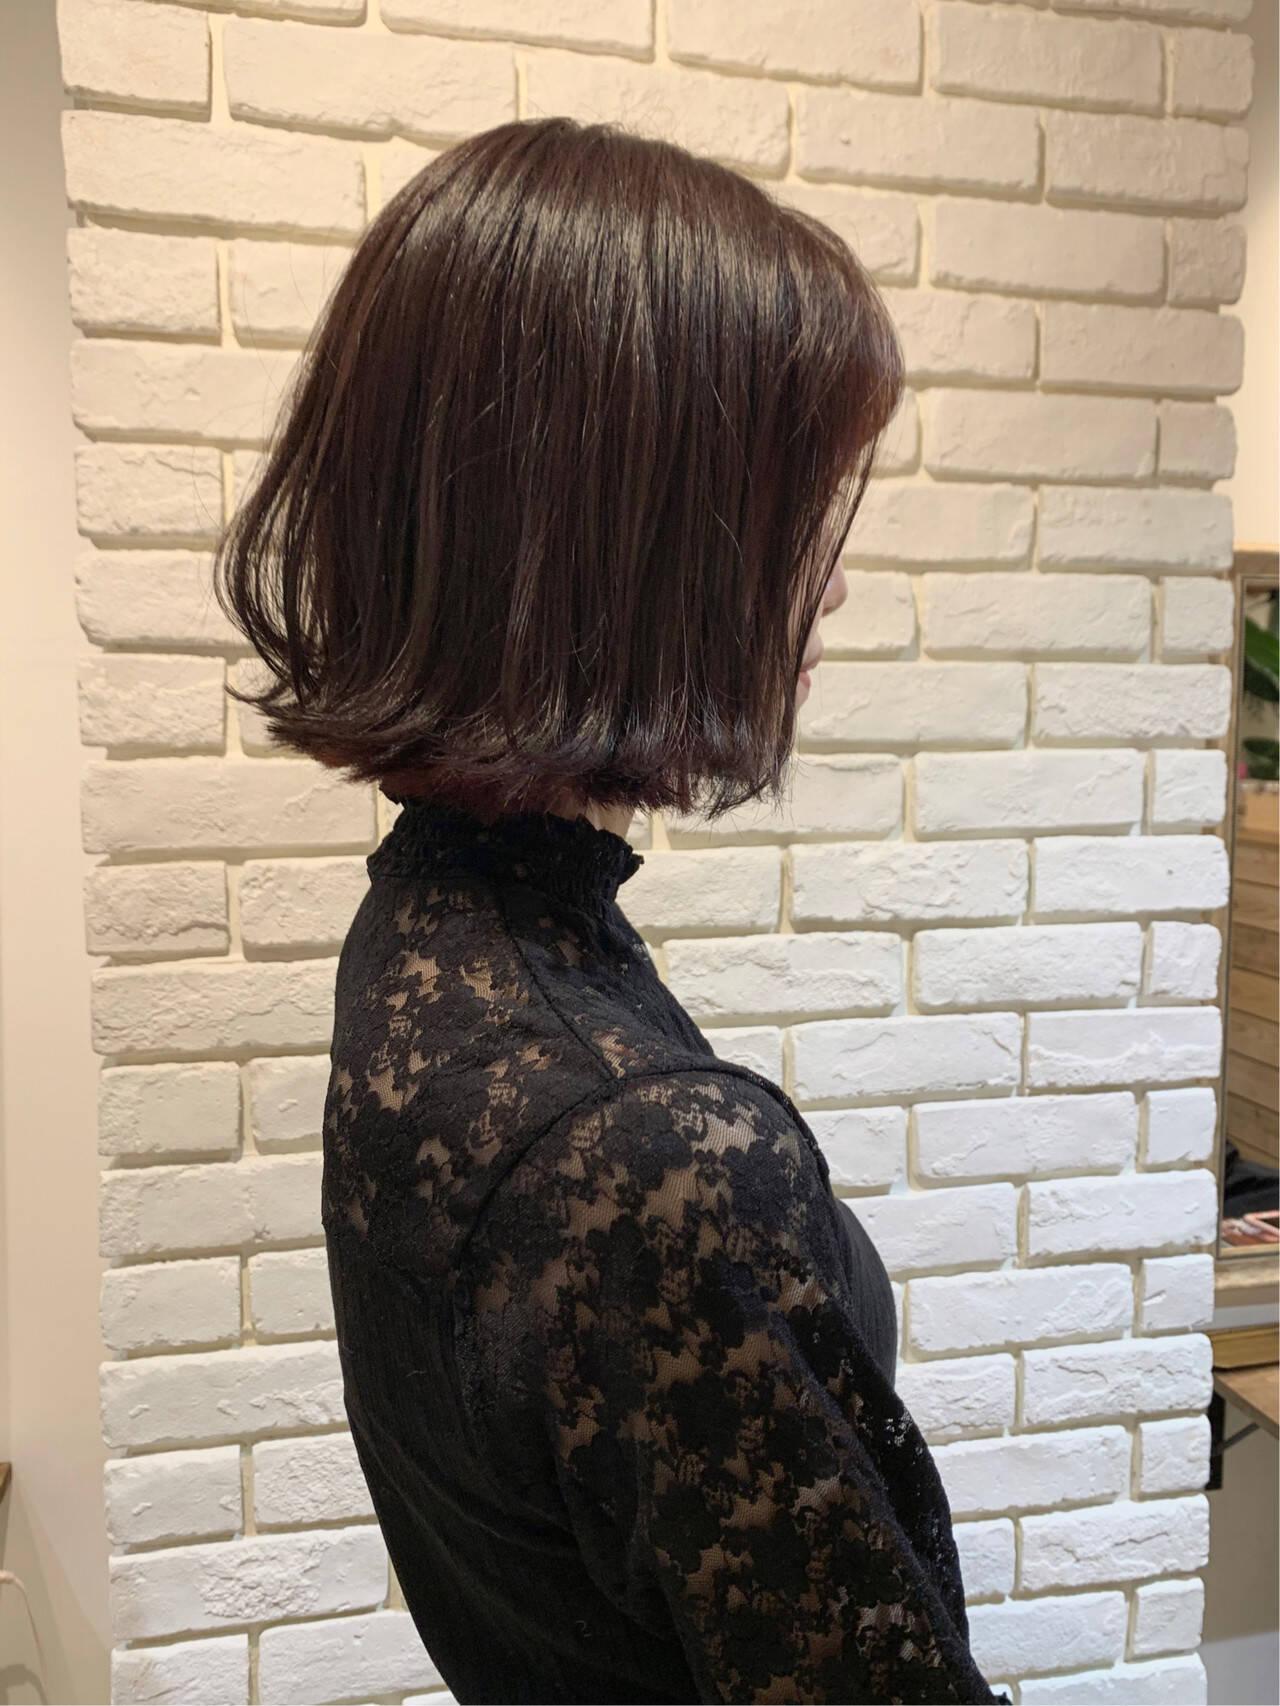 ボブ 外ハネボブ ピンクベージュ ミニボブヘアスタイルや髪型の写真・画像